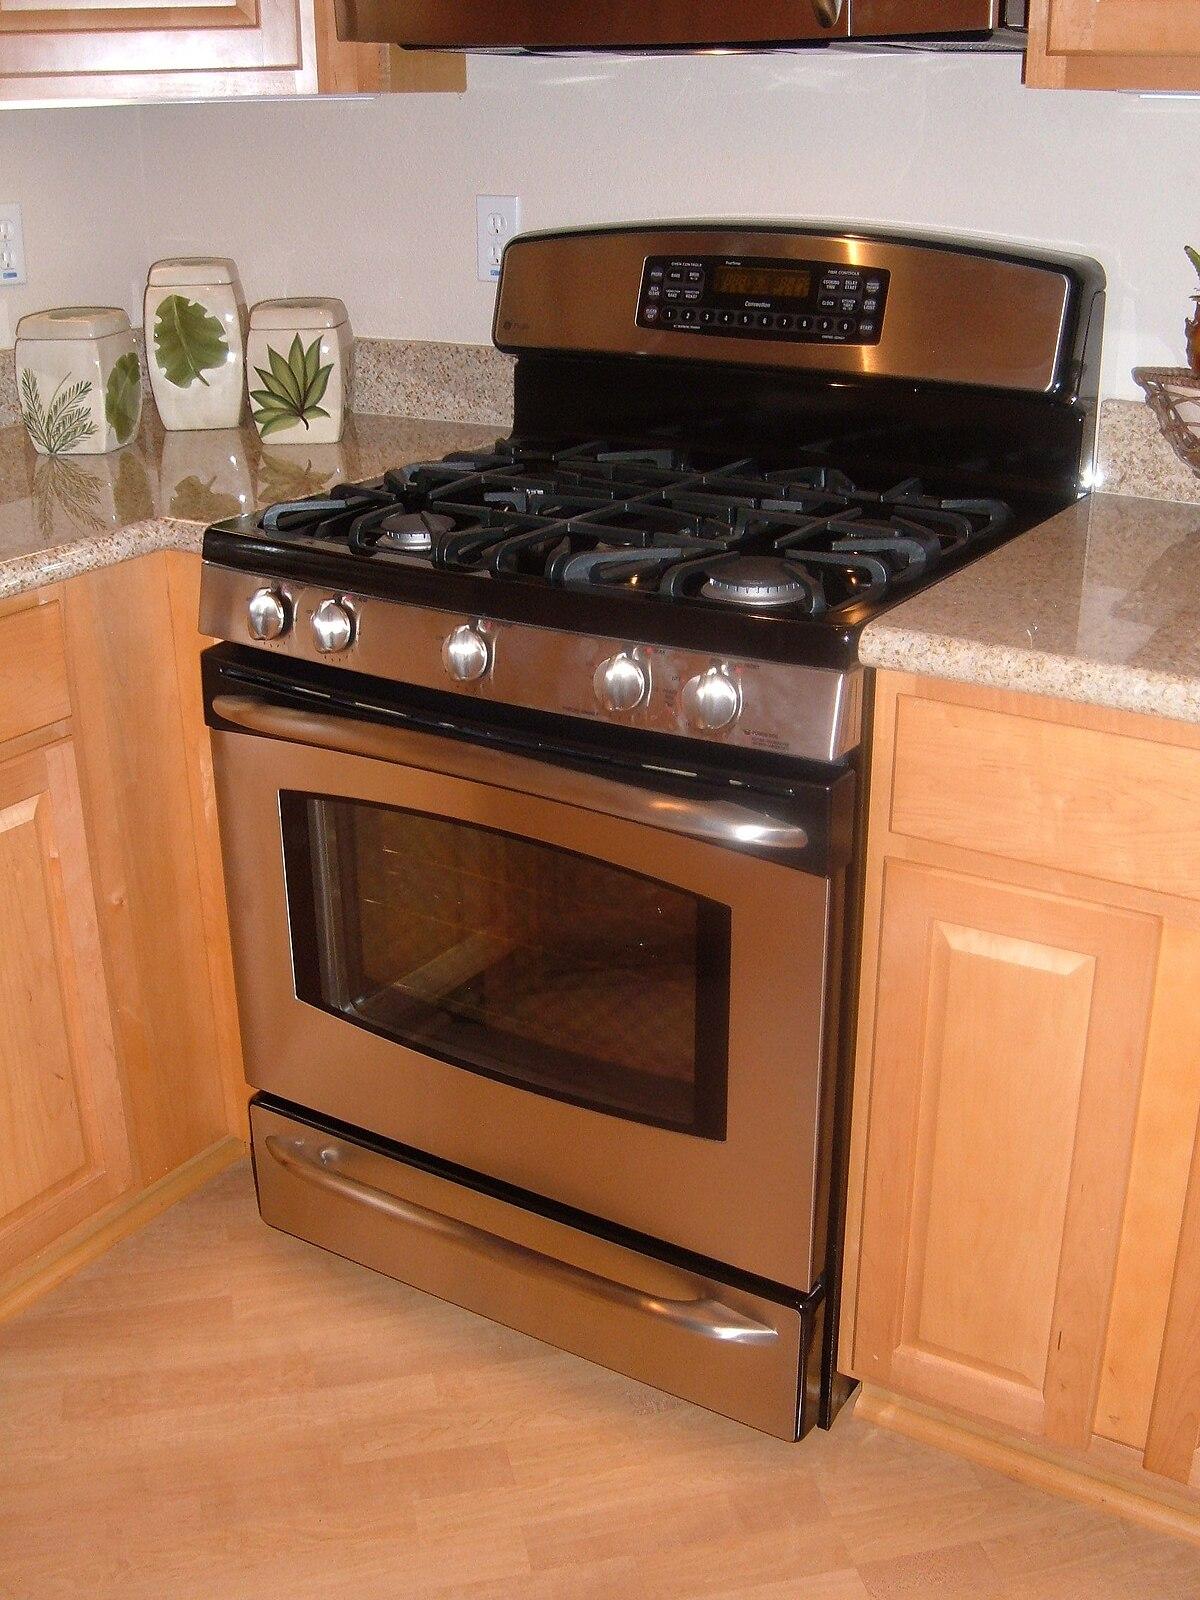 Cucina elettrodomestico wikipedia for Cucina elettrodomestico